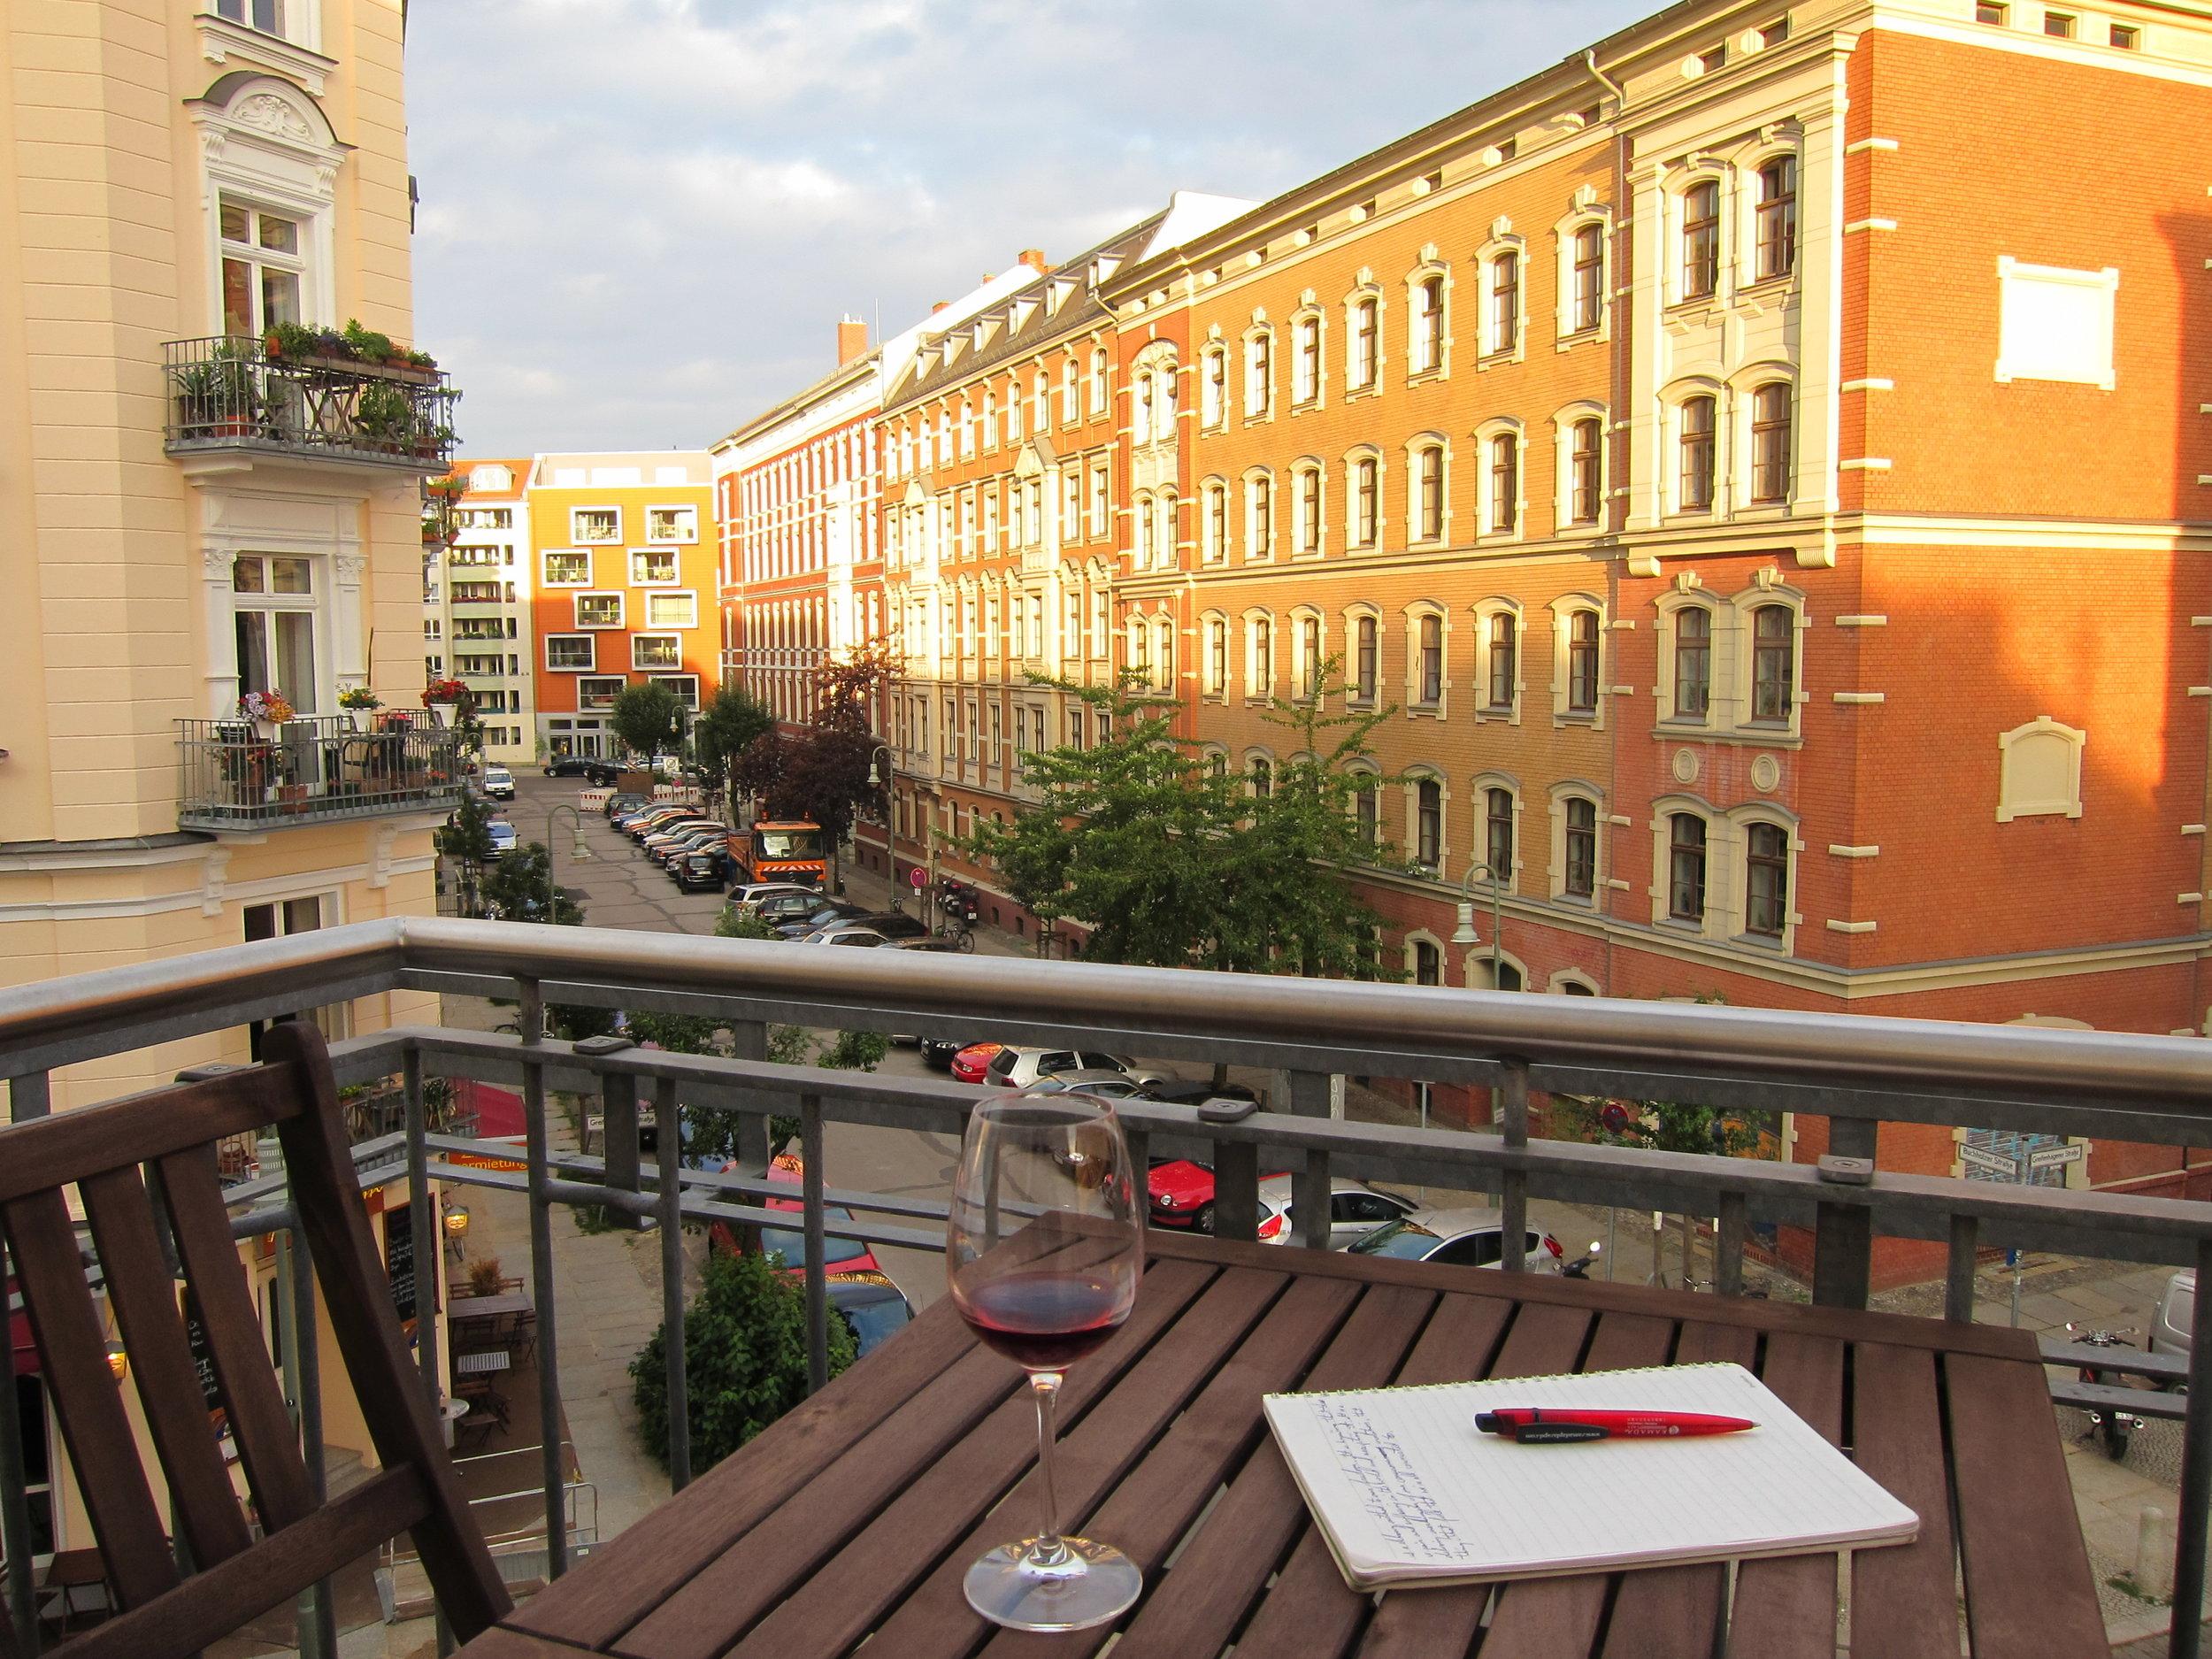 Berlin, June 26, 2012